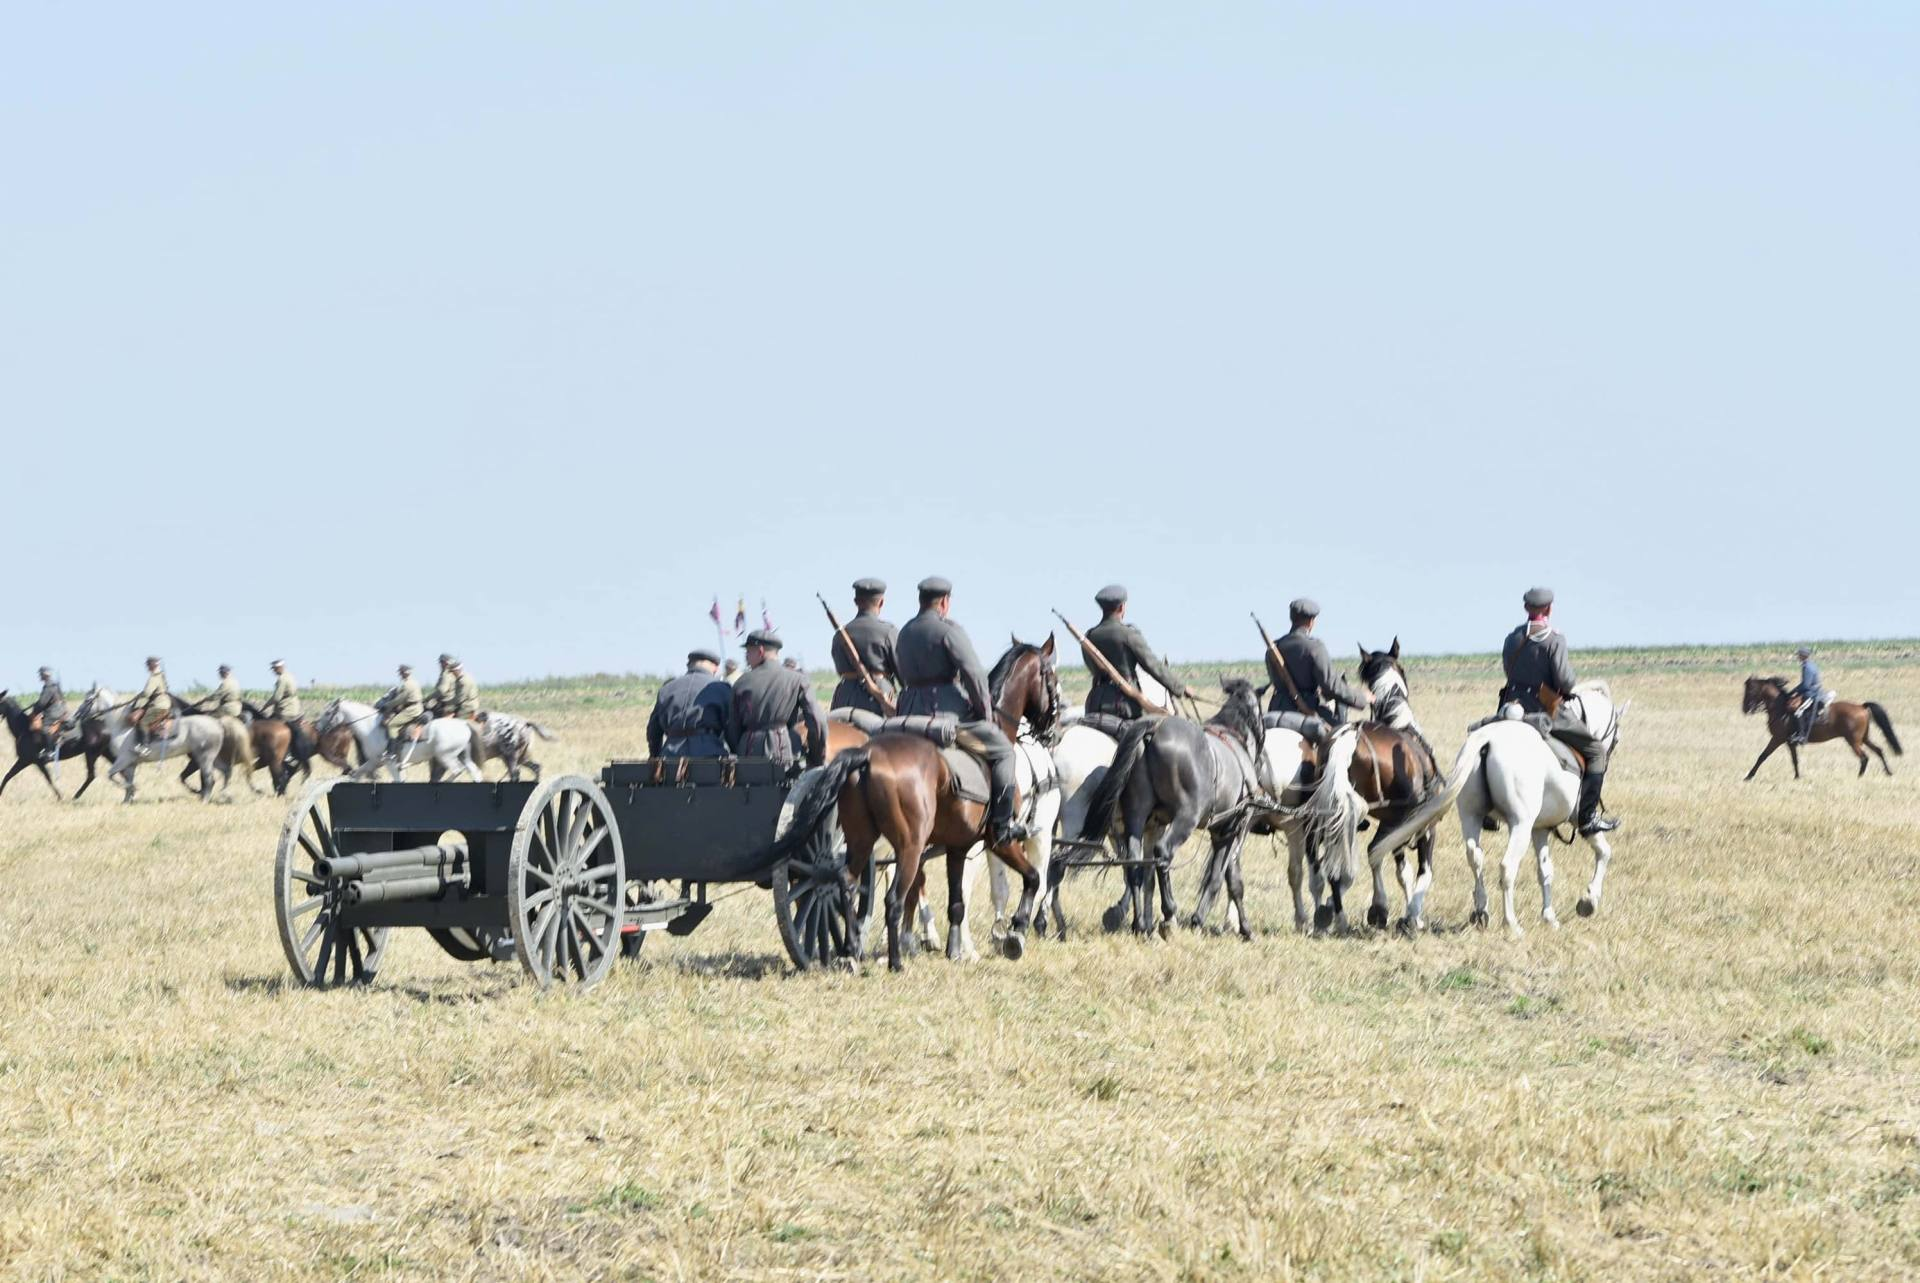 dsc 0659 Czas szabli - 100 rocznica bitwy pod Komarowem(zdjęcia)